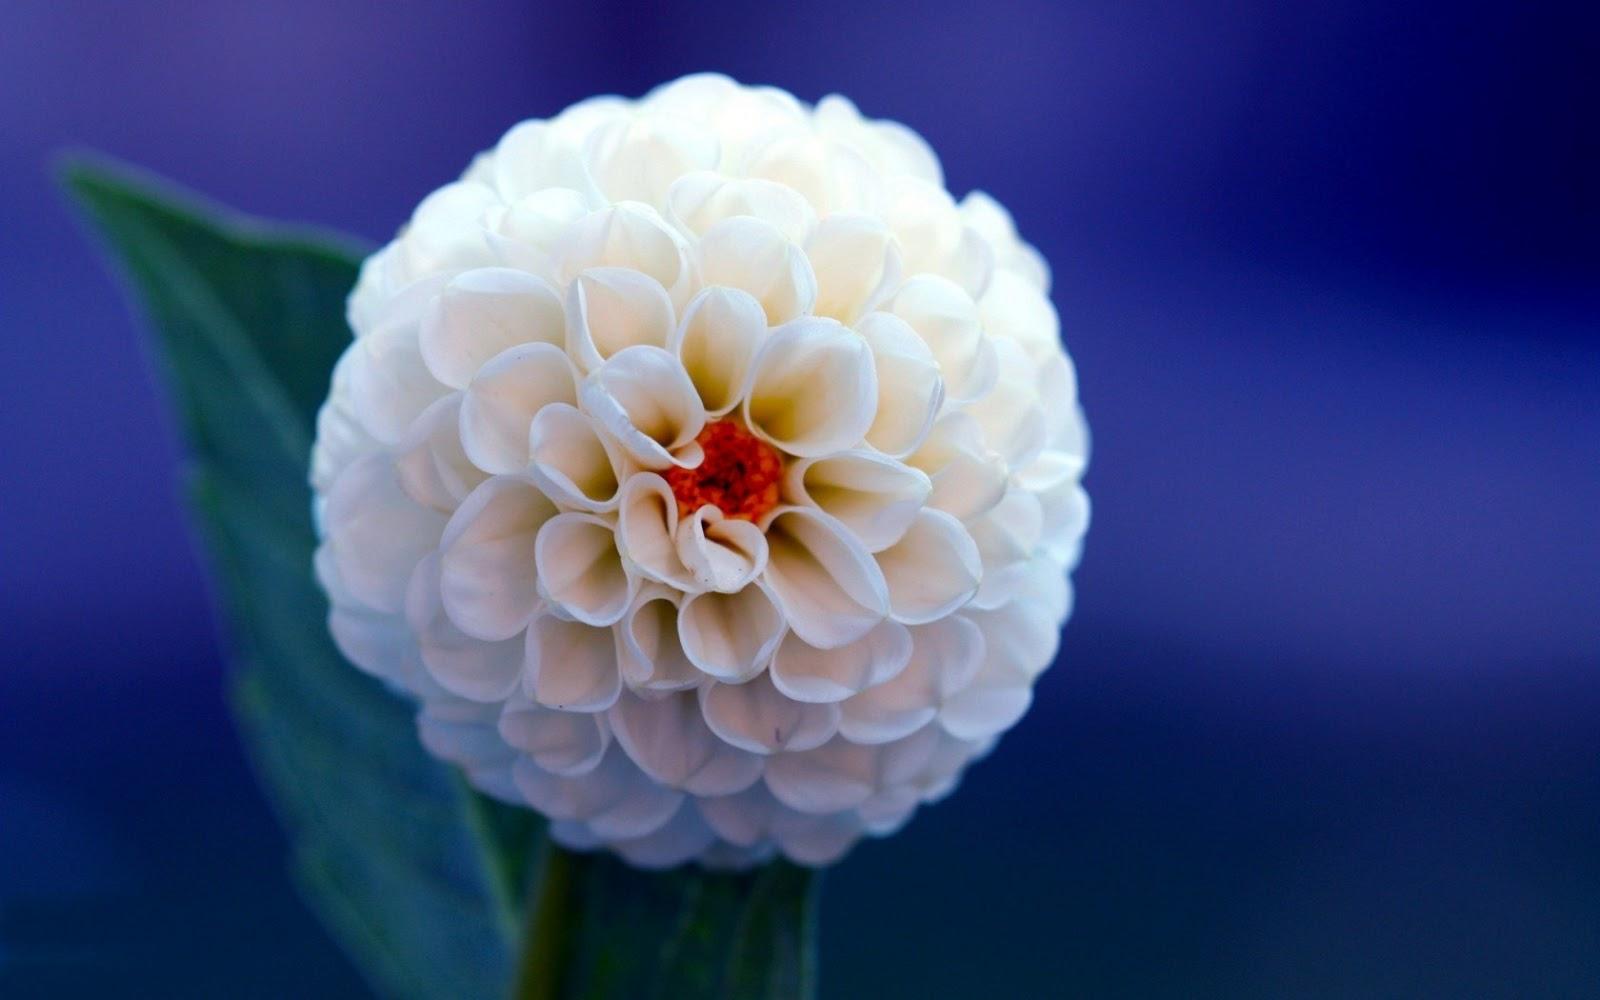 Flowers World Dahlia White Flower